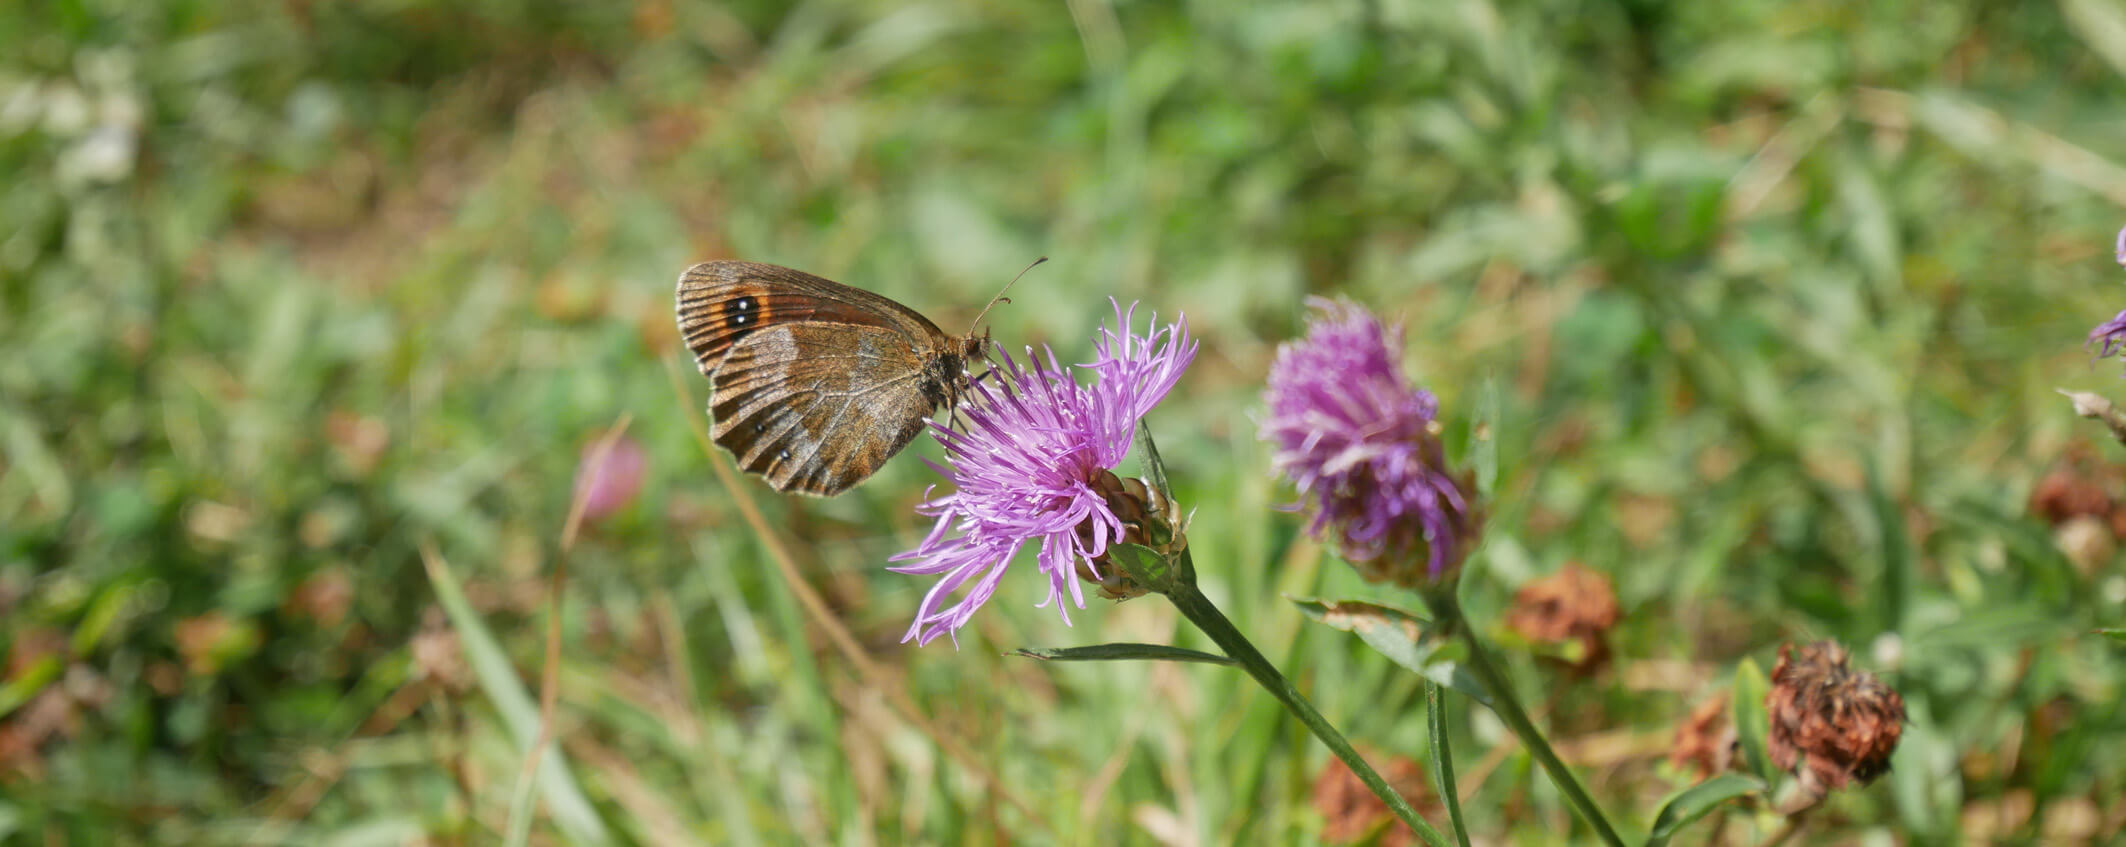 Loisachblick Schmetterling